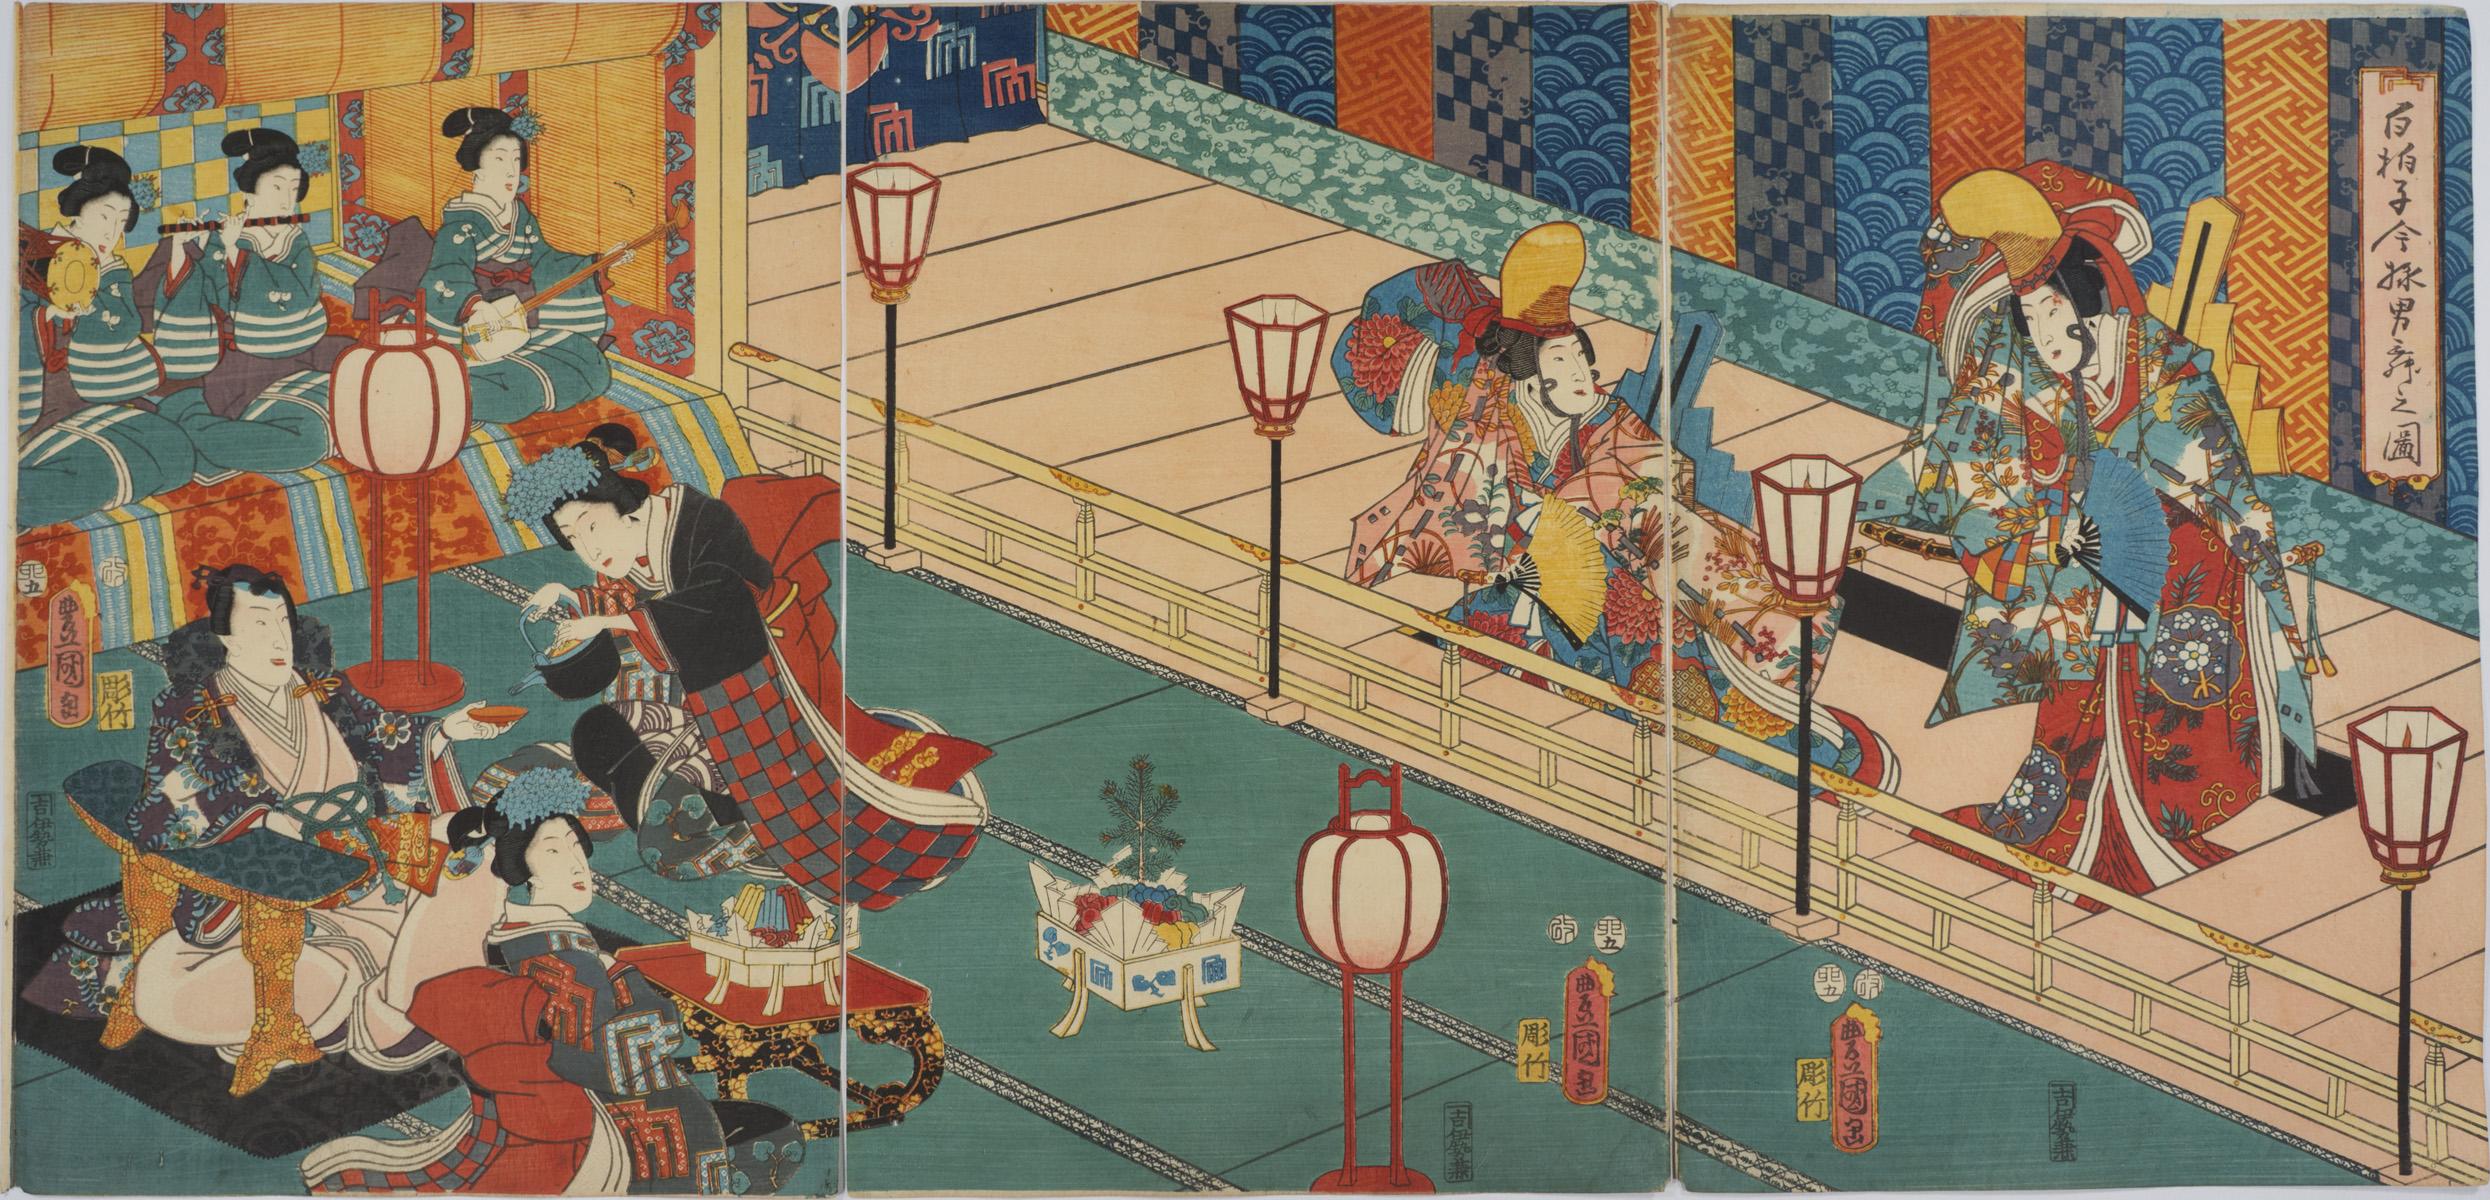 KUNISADA Shirabyoshi